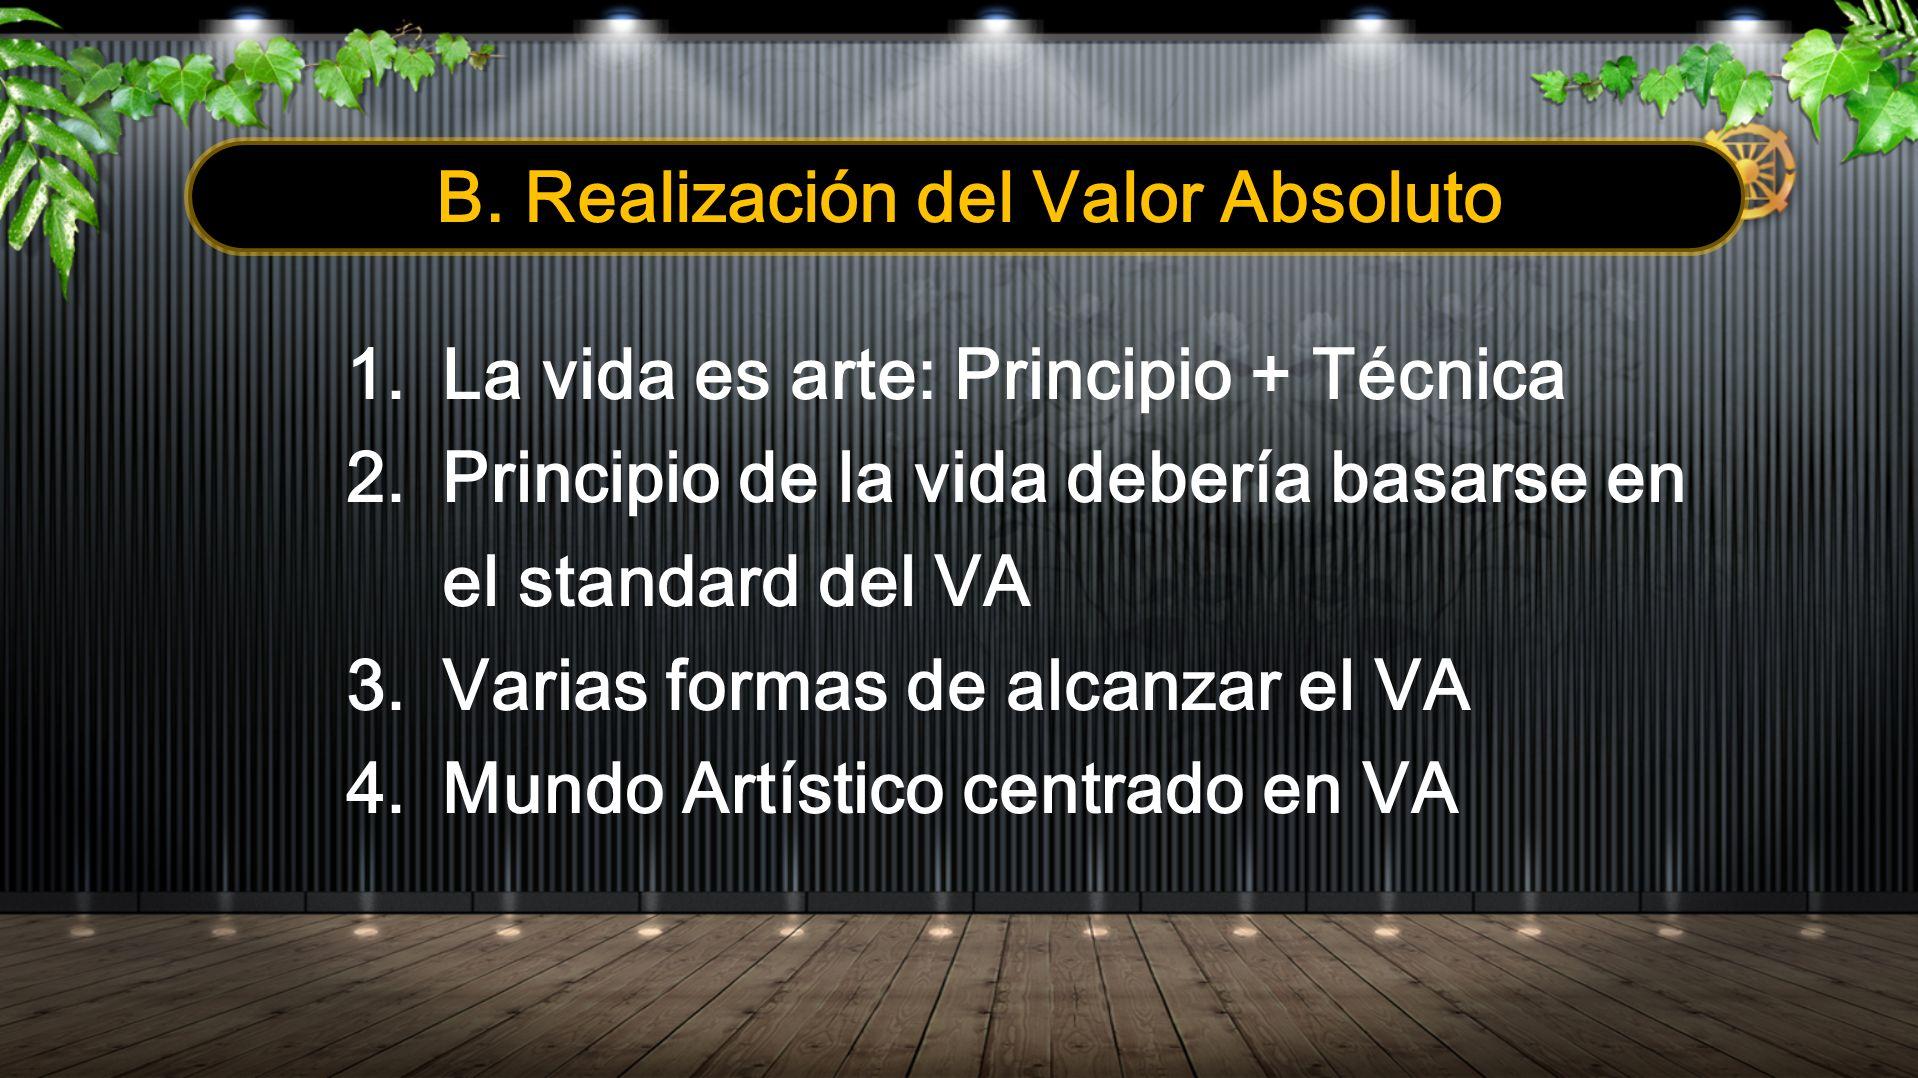 B. Realización del Valor Absoluto 1.La vida es arte: Principio + Técnica 2.Principio de la vida debería basarse en el standard del VA 3.Varias formas